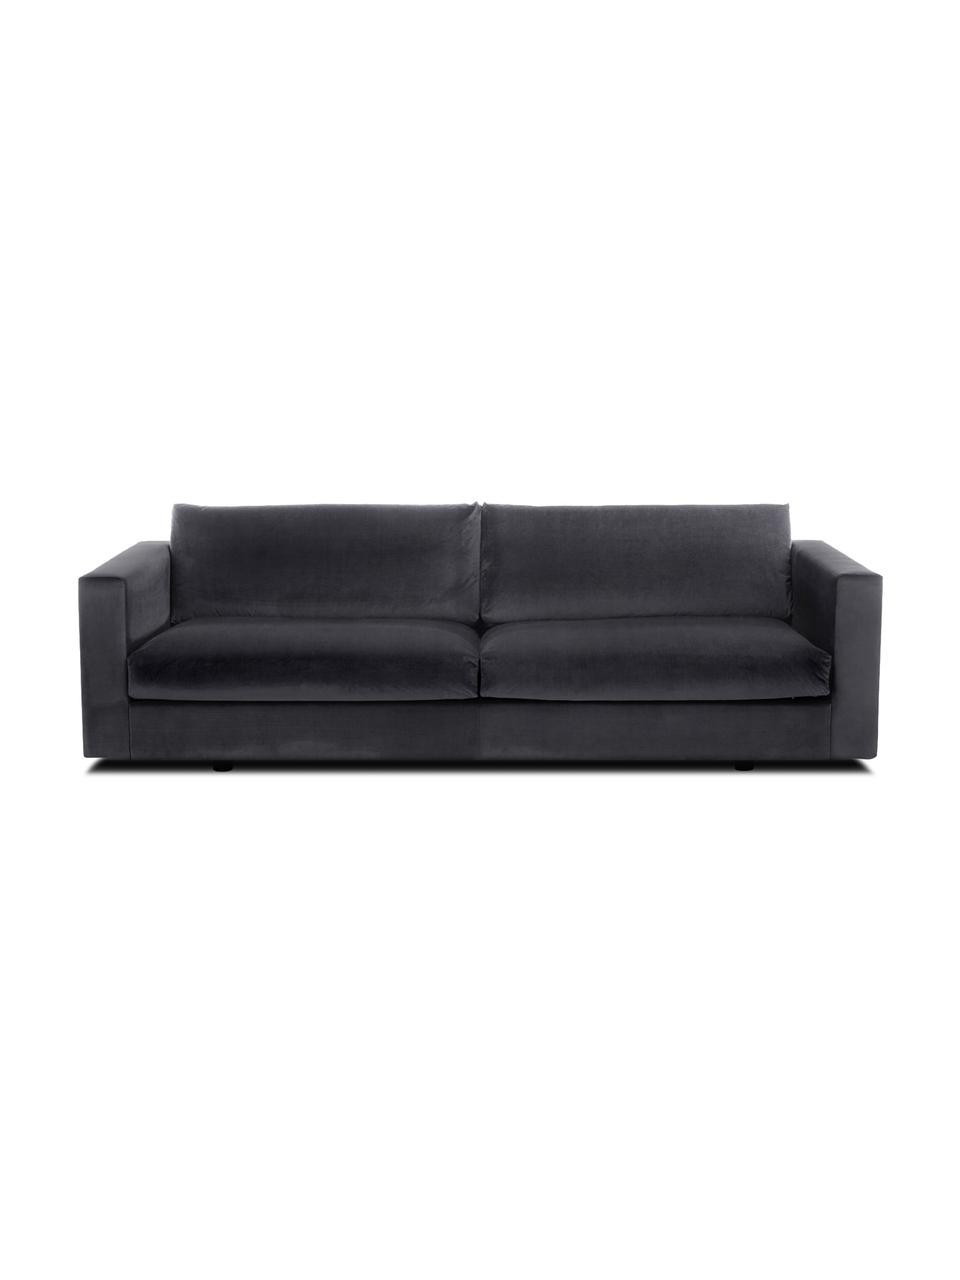 Sofa z aksamitu Balmira (3-osobowa), Tapicerka: aksamit (poliester) 100 0, Nogi: lite drewno brzozowe, lak, Aksamitny ciemny szary, S 240 x G 96 cm